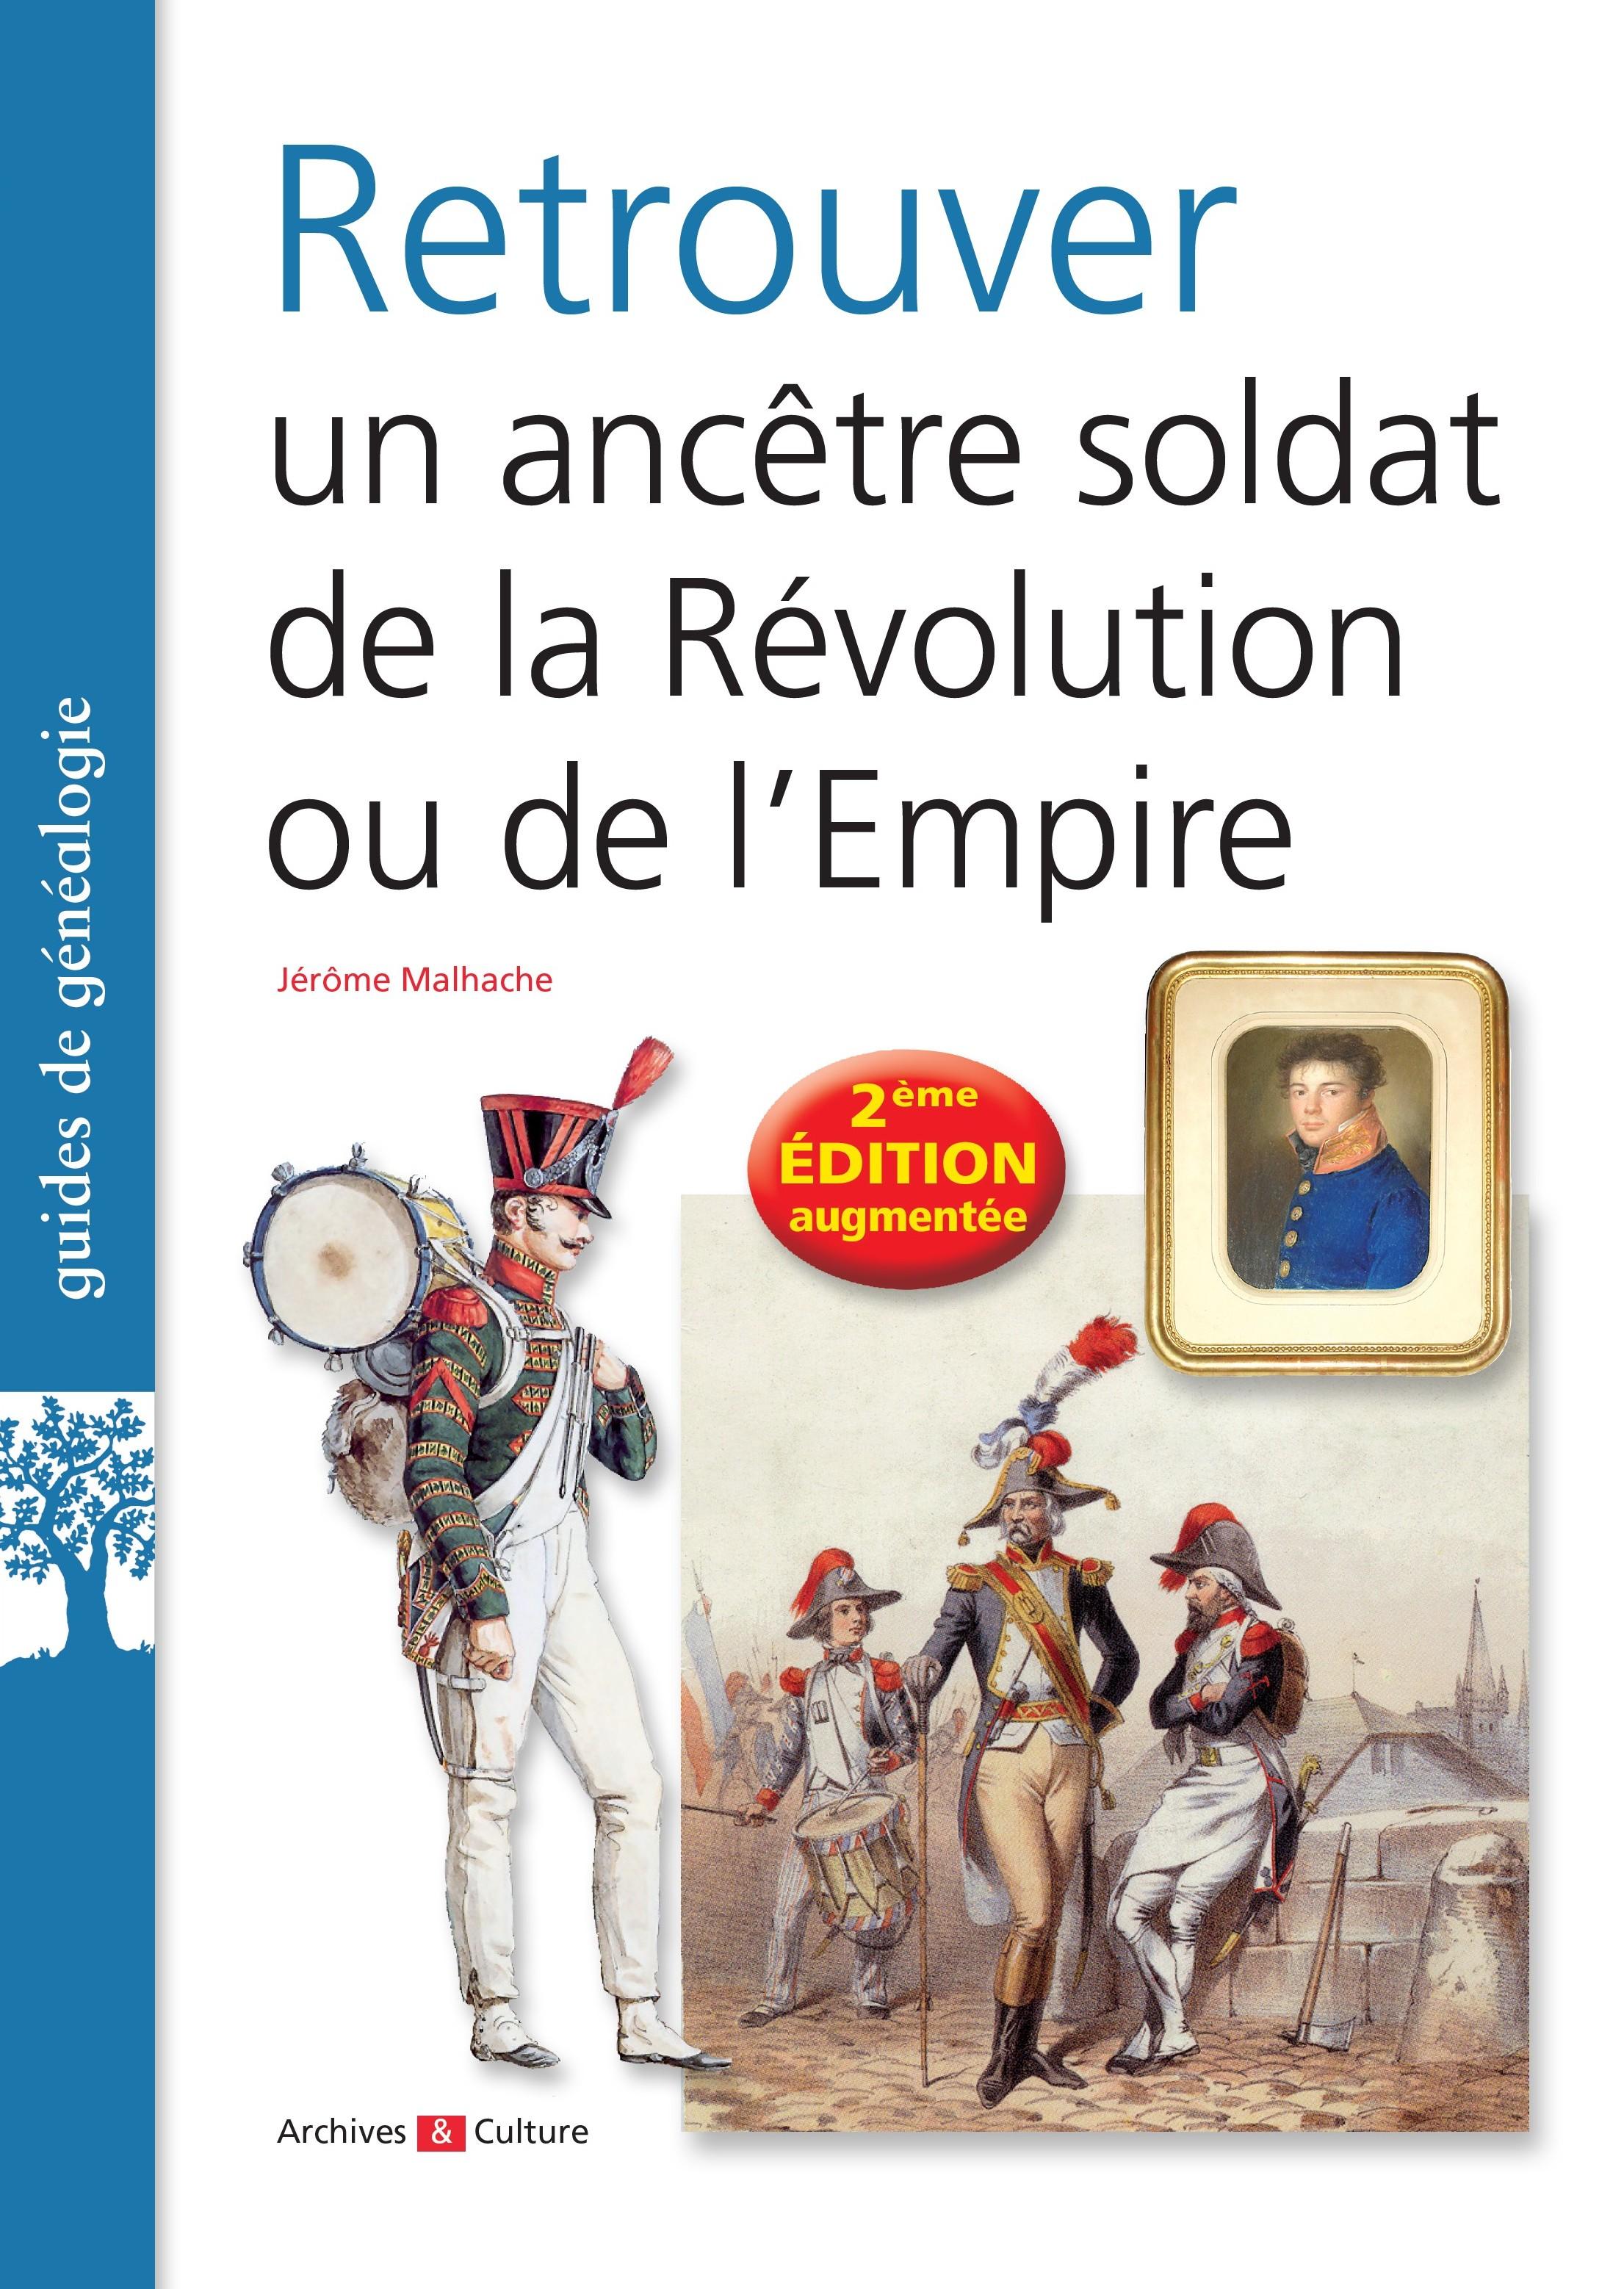 Retrouver un ancêtre soldat de la Révolution